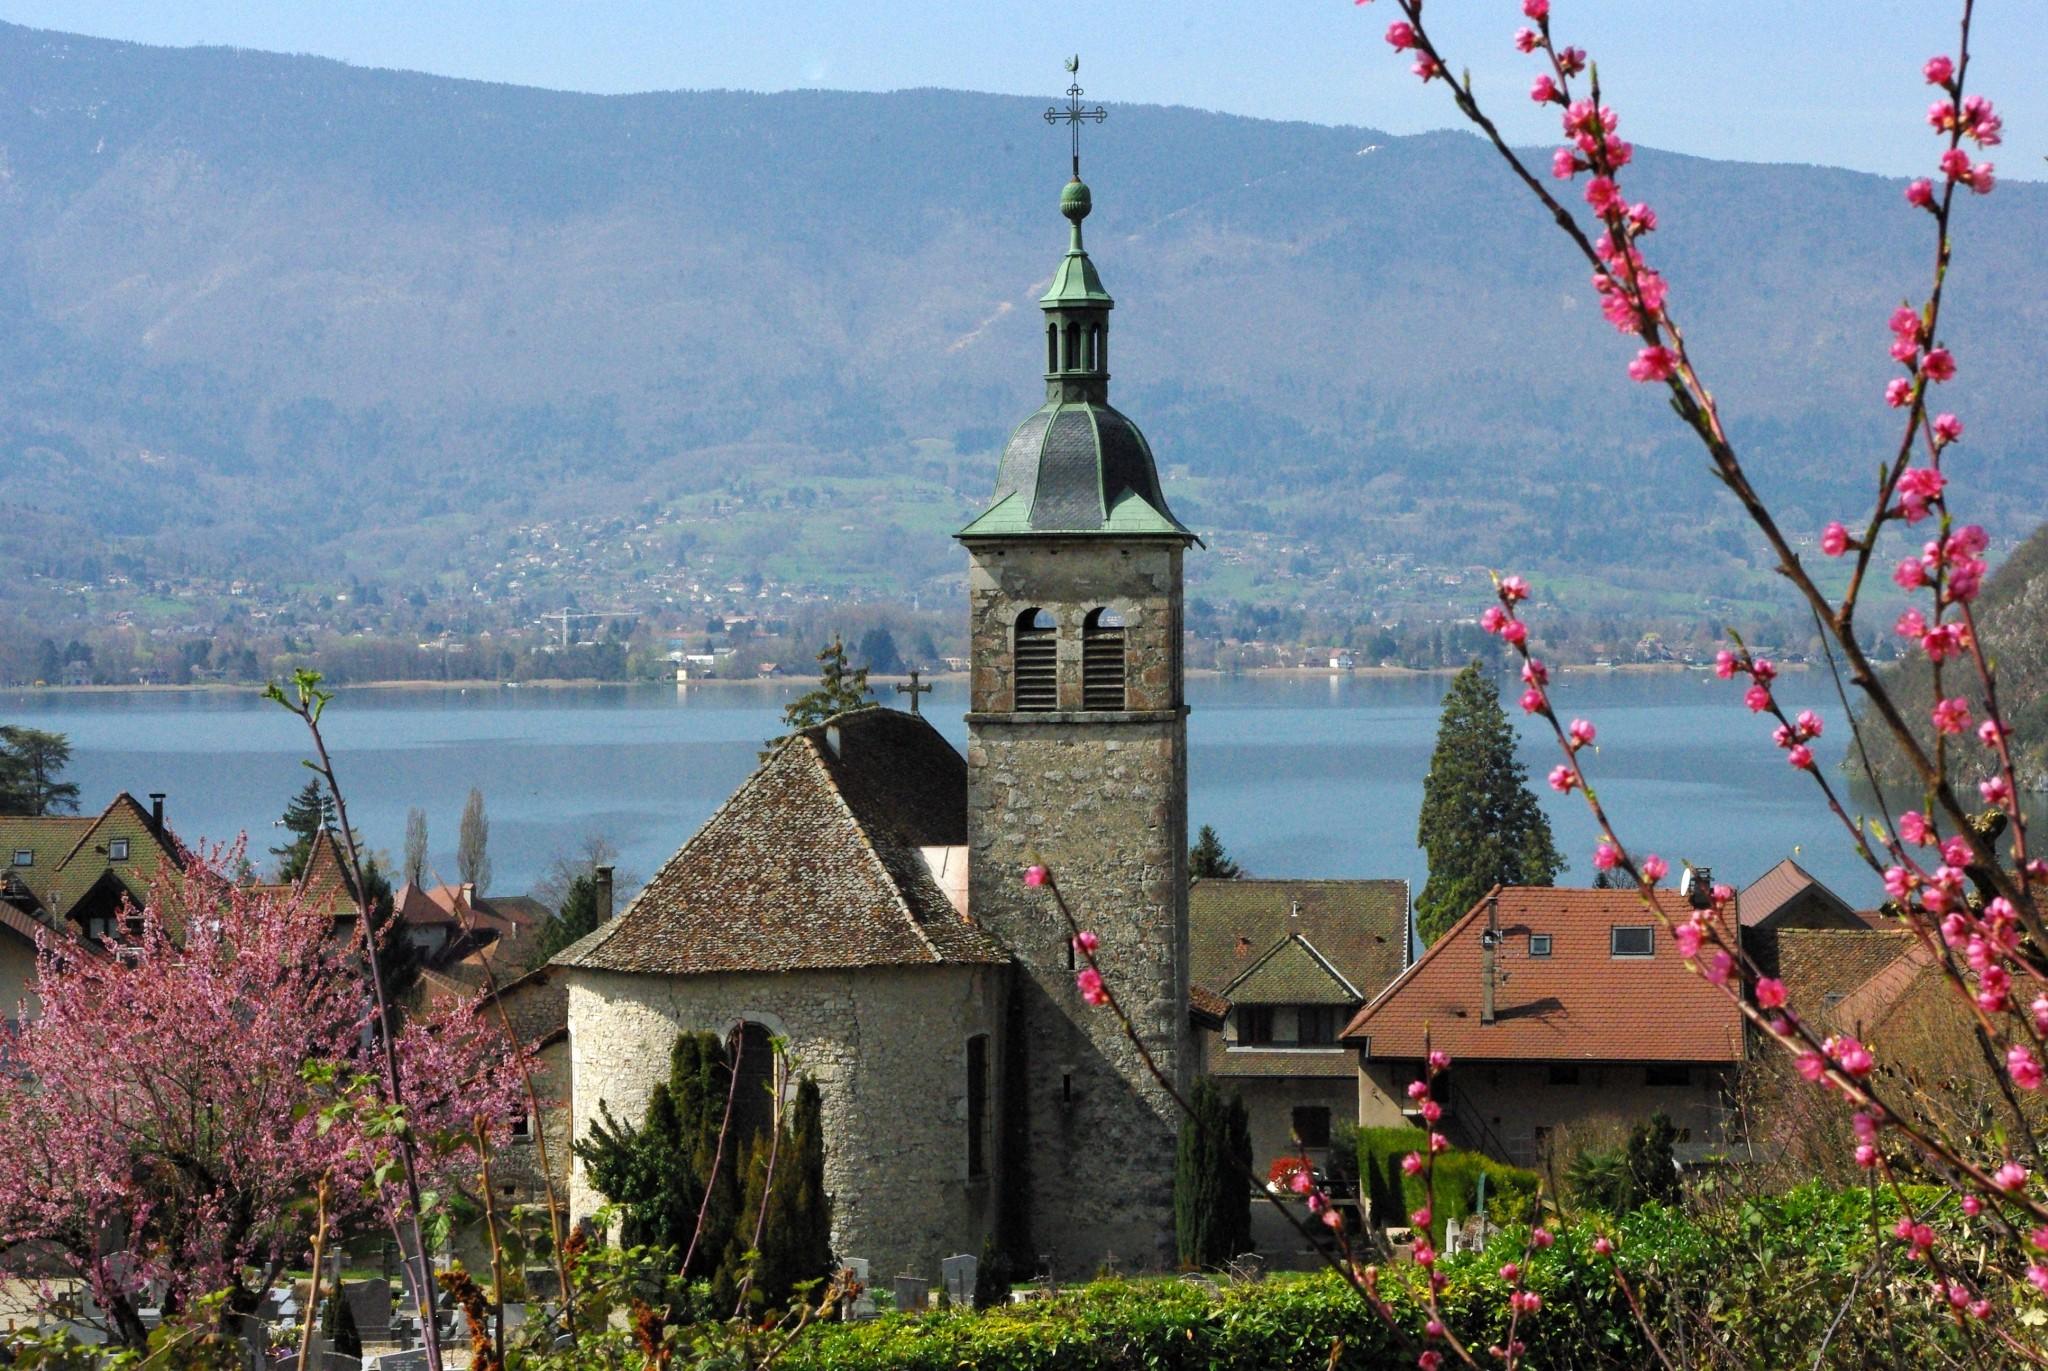 Villages around Lake Annecy